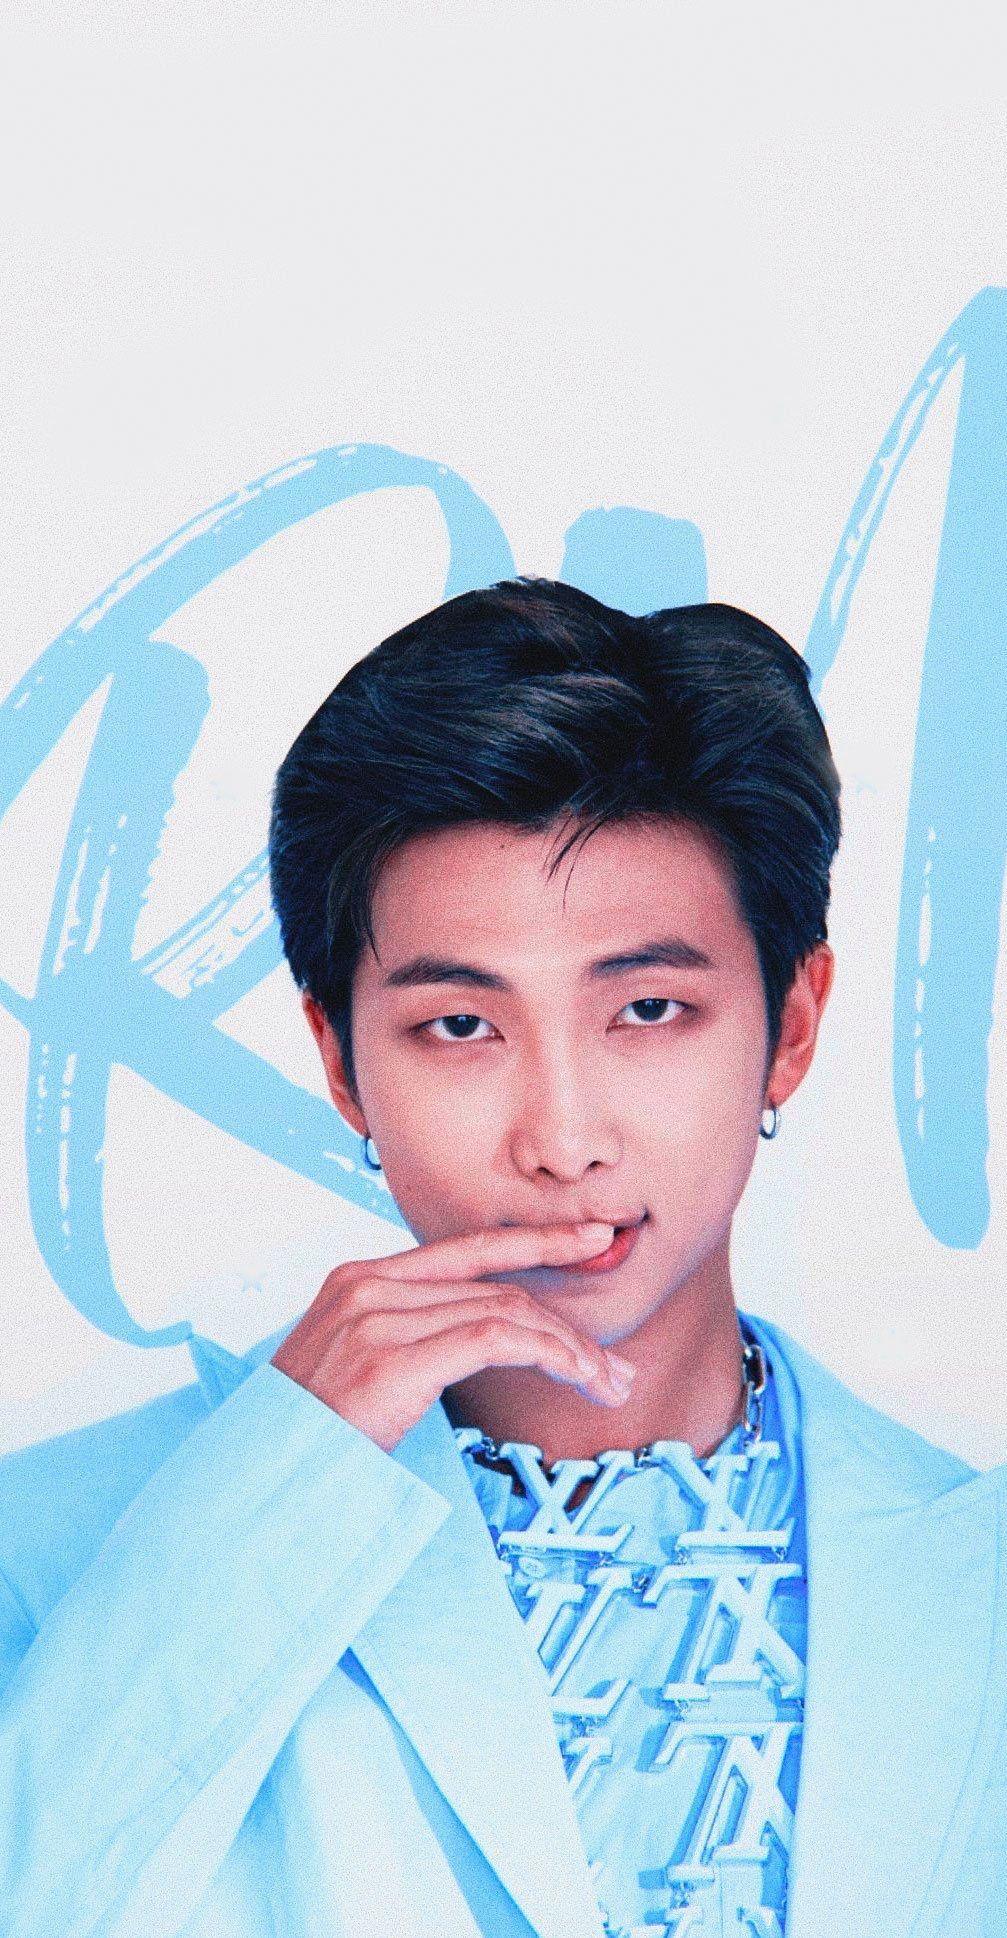 Bts Rm Wallpaper Jhopewallpaper Bts Rap Monster Bts Taehyung Bts Jungkook Foto bts rm wallpaper